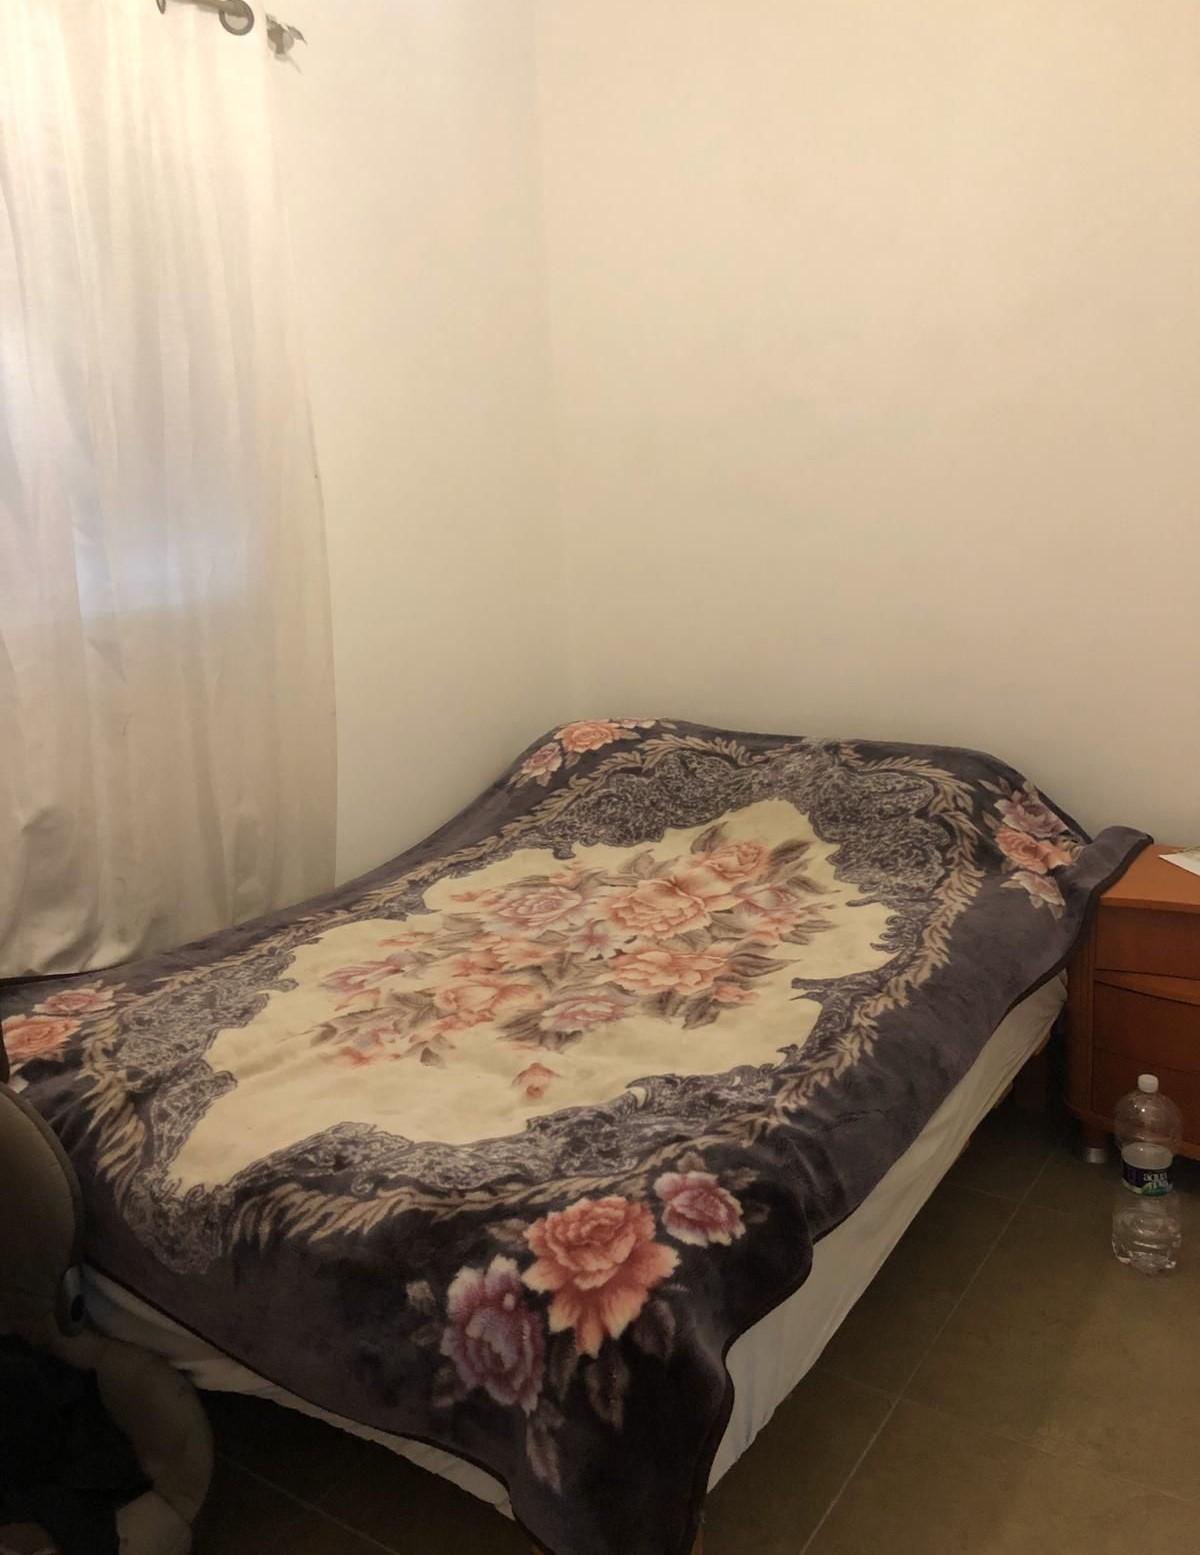 בת ים דירה למכירה 3 חדרים 1,550,000₪, בת ים